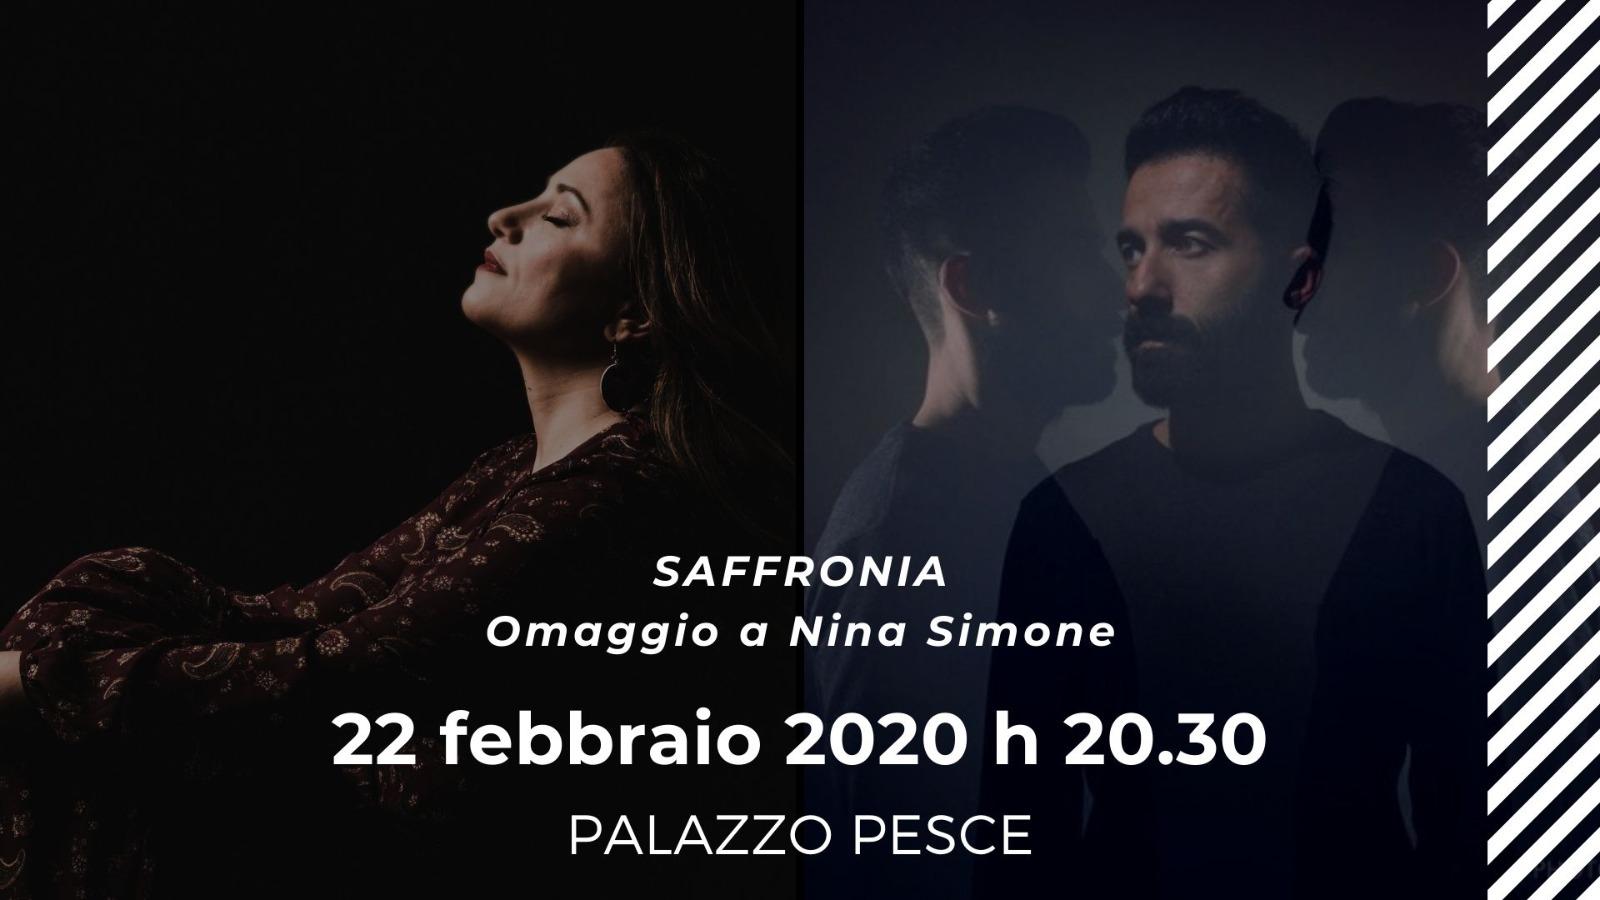 22 febbraio Omaggio a Nina Simone a Palazzo Pesce